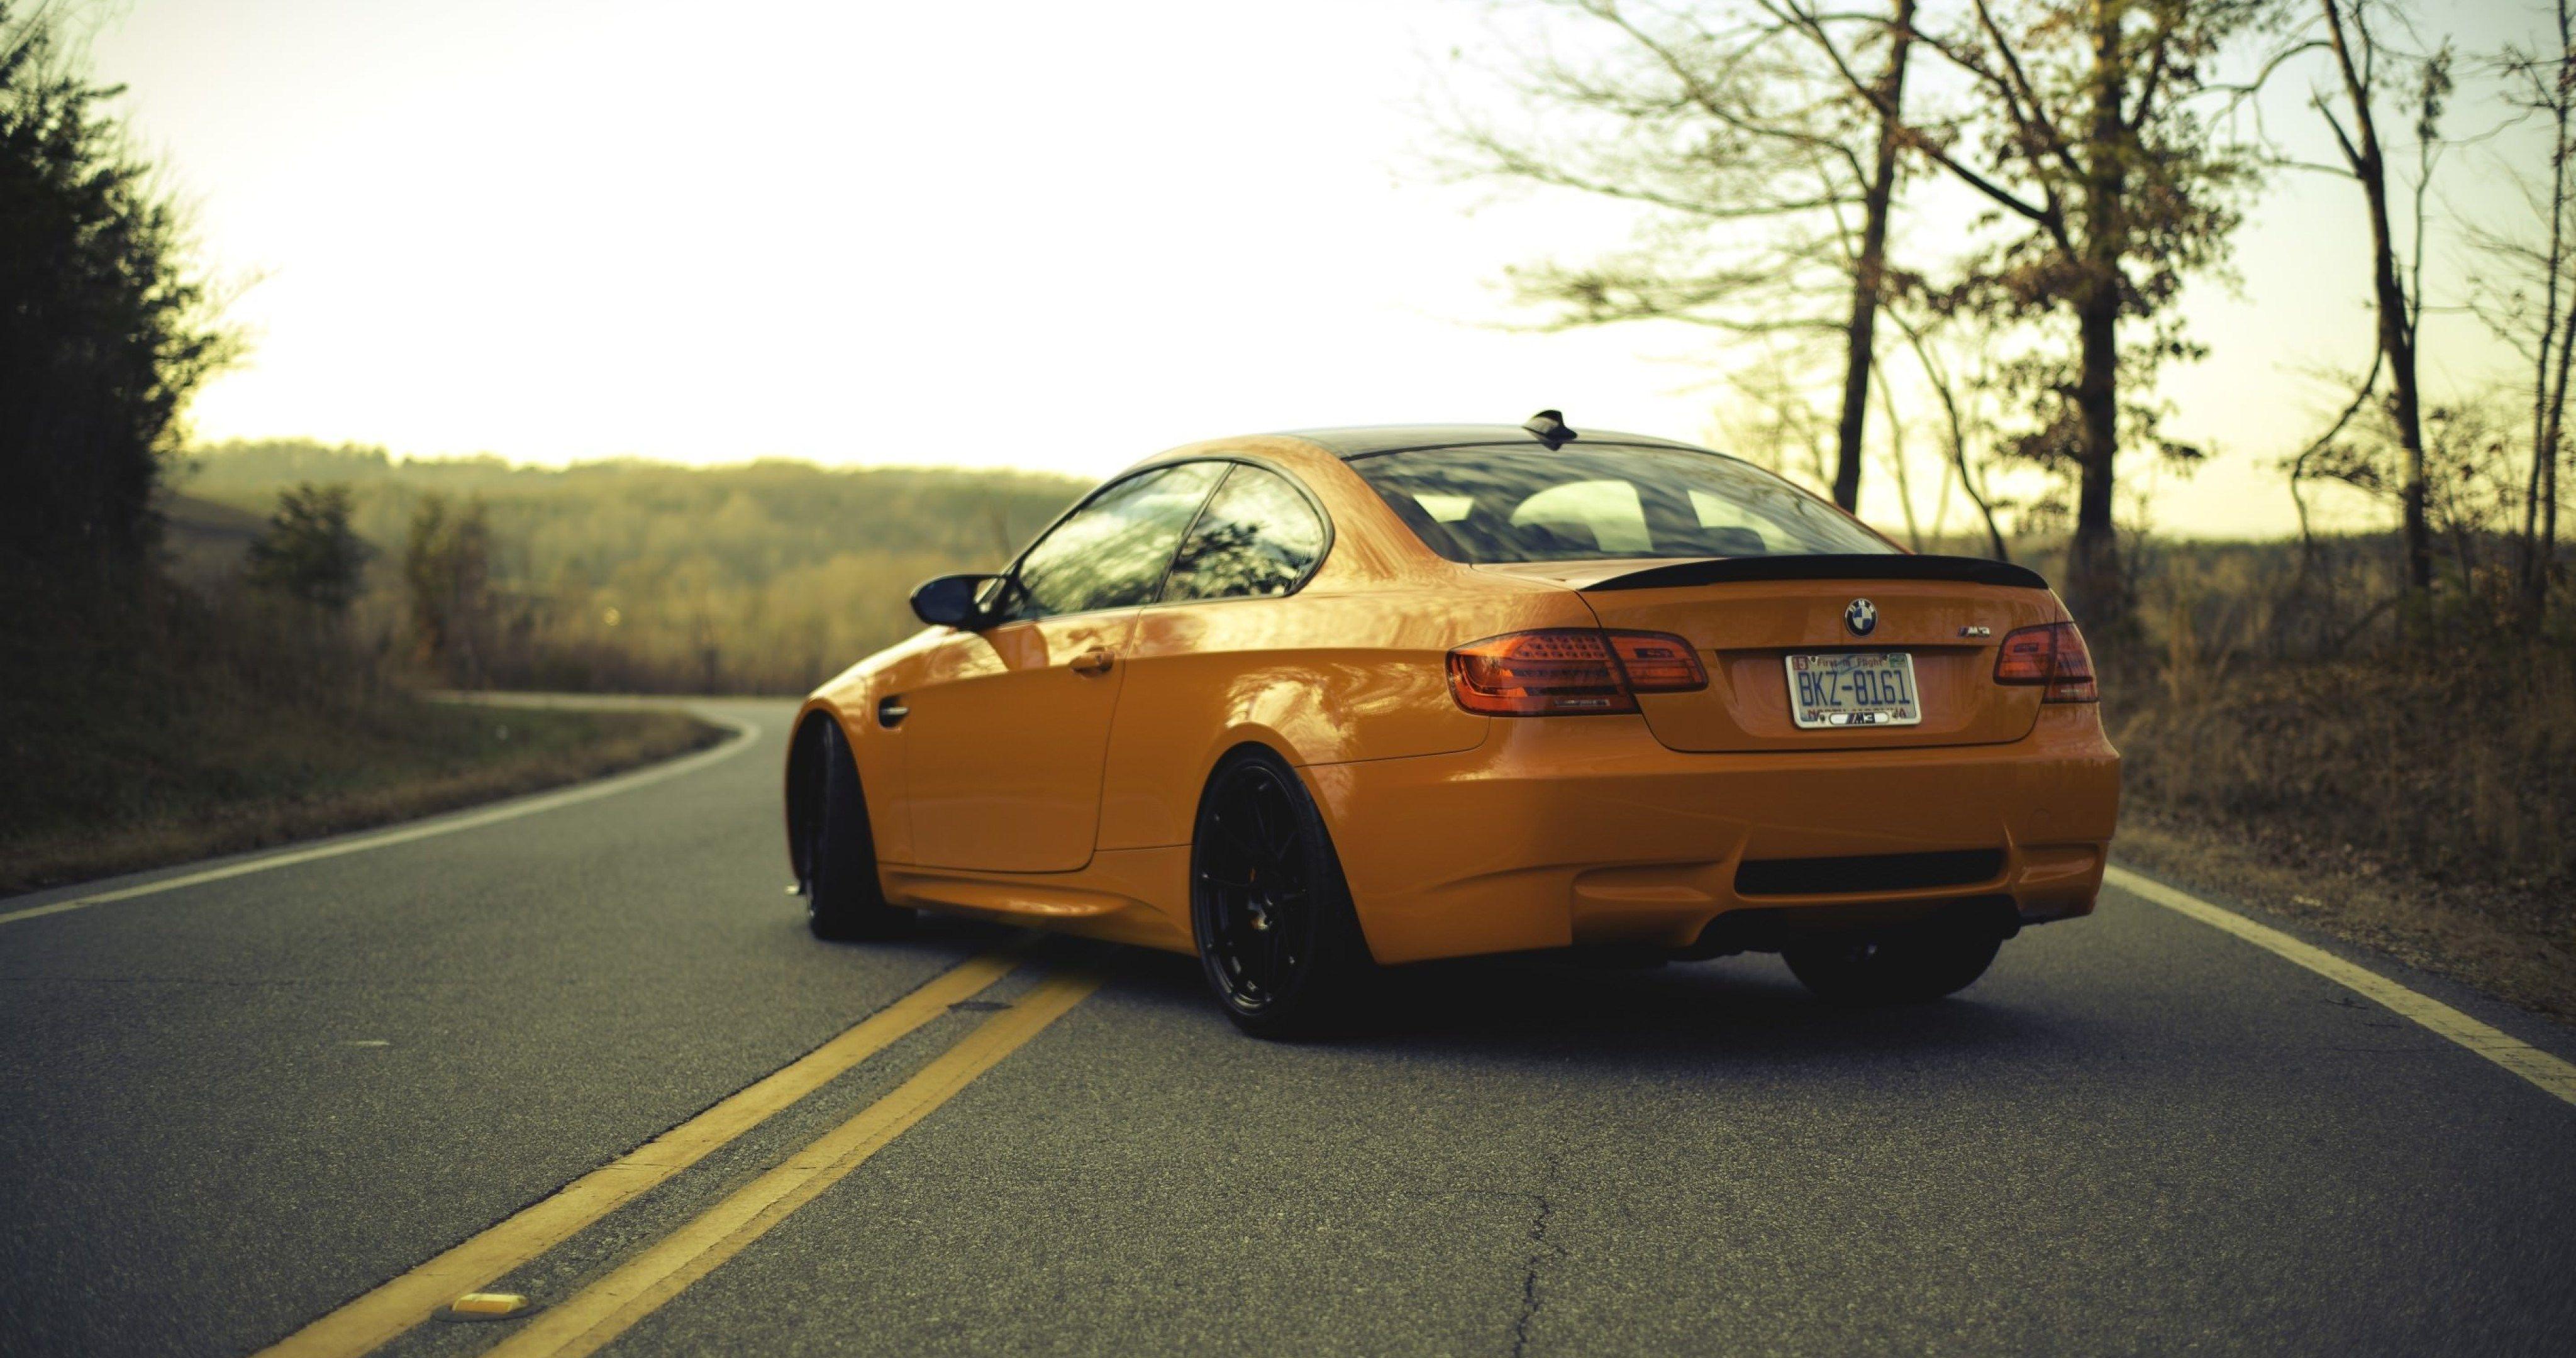 Bmw M3 E92 Orange 43 4k Ultra Hd Wallpaper Bmw M5 Bmw